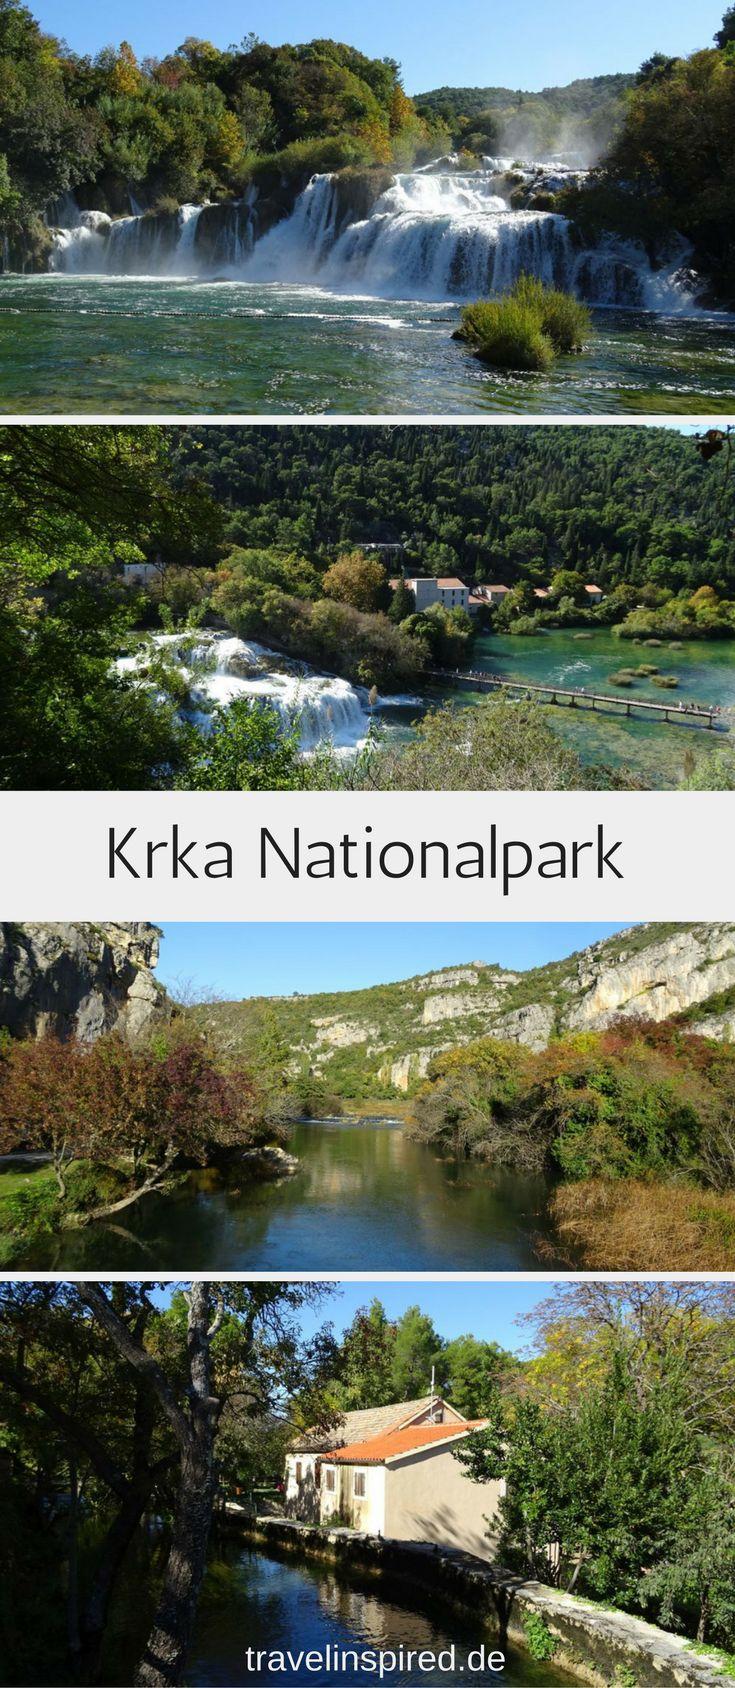 Reisetipp für einen Kurztrip im Herbst: Entdecke Kroatiens wunderschöne Nationalparks Krka und Plitvicer Seen mit bunten Laubbäumen. #krka #nationalpark #kroatien #herbst #wasserfälle #reisen #Reisebericht #travelinspired #kurztrip #reiseziel #reisezielherbst